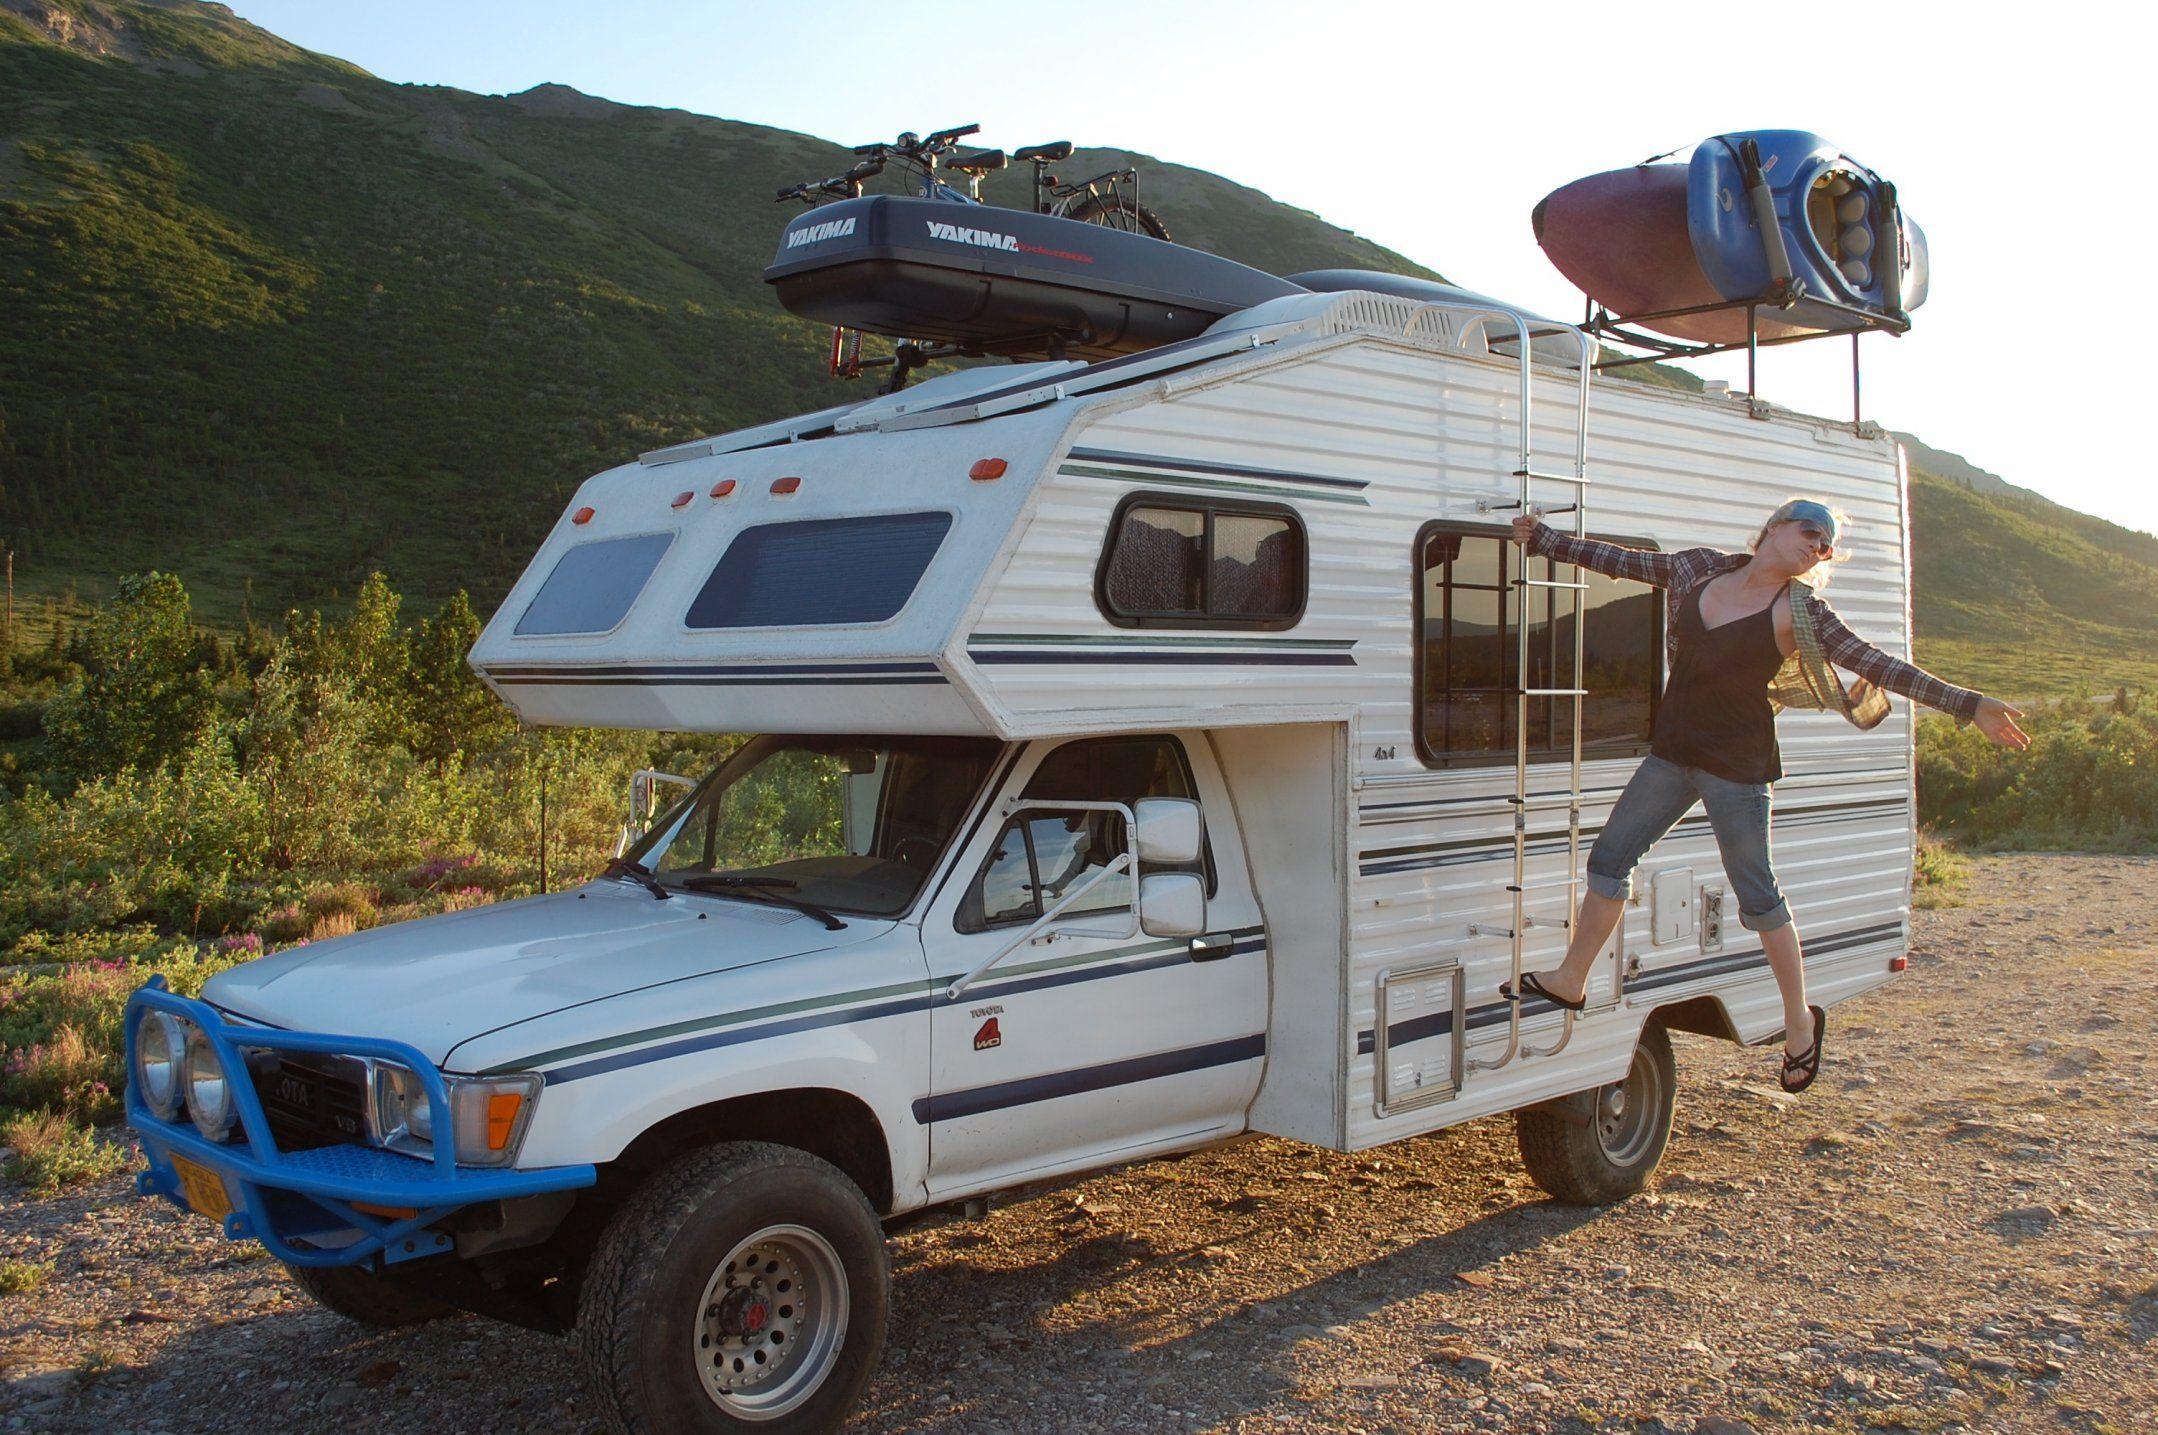 Toyota Odyssey Rv 4x4 Truck Campers Toyota Camper Truck Camper